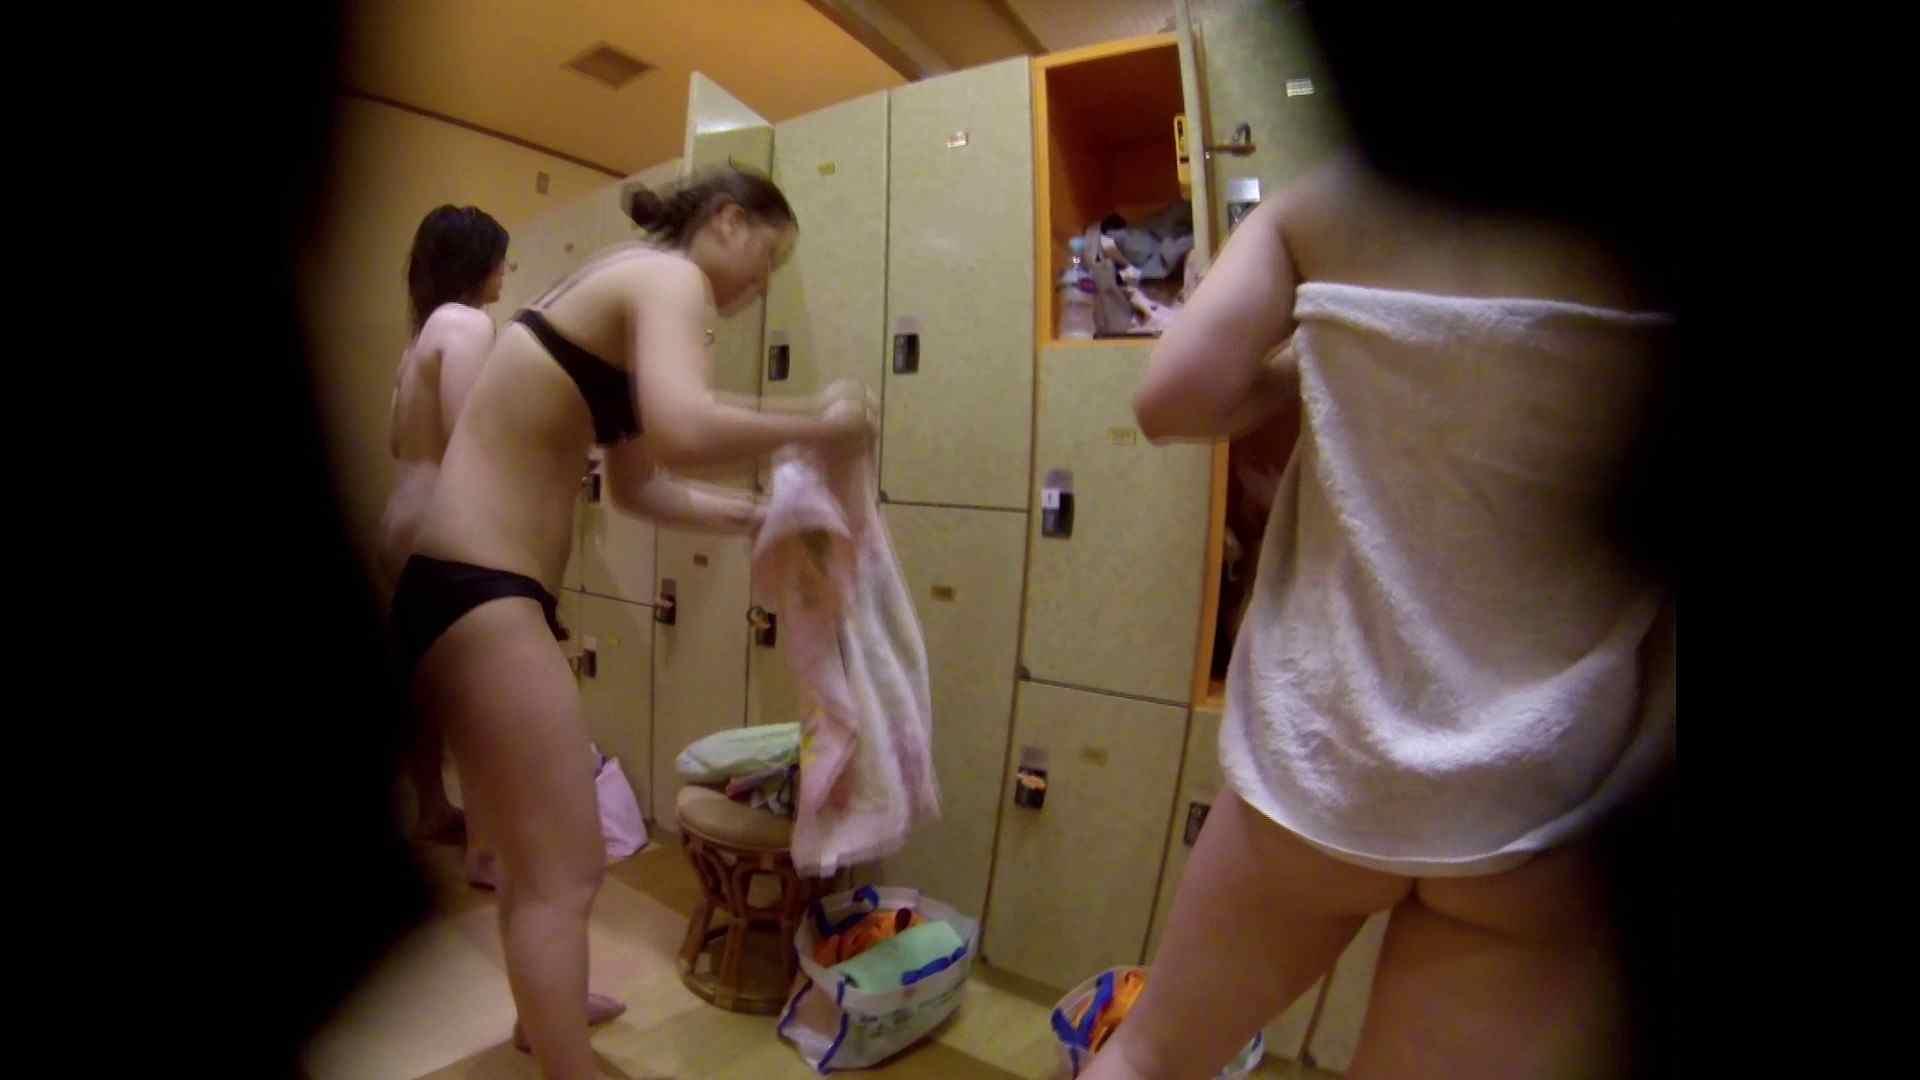 追い撮り!脱衣~洗い場、徹底追跡!撮り師さんに拍手!! むっちり | 追跡  95画像 82